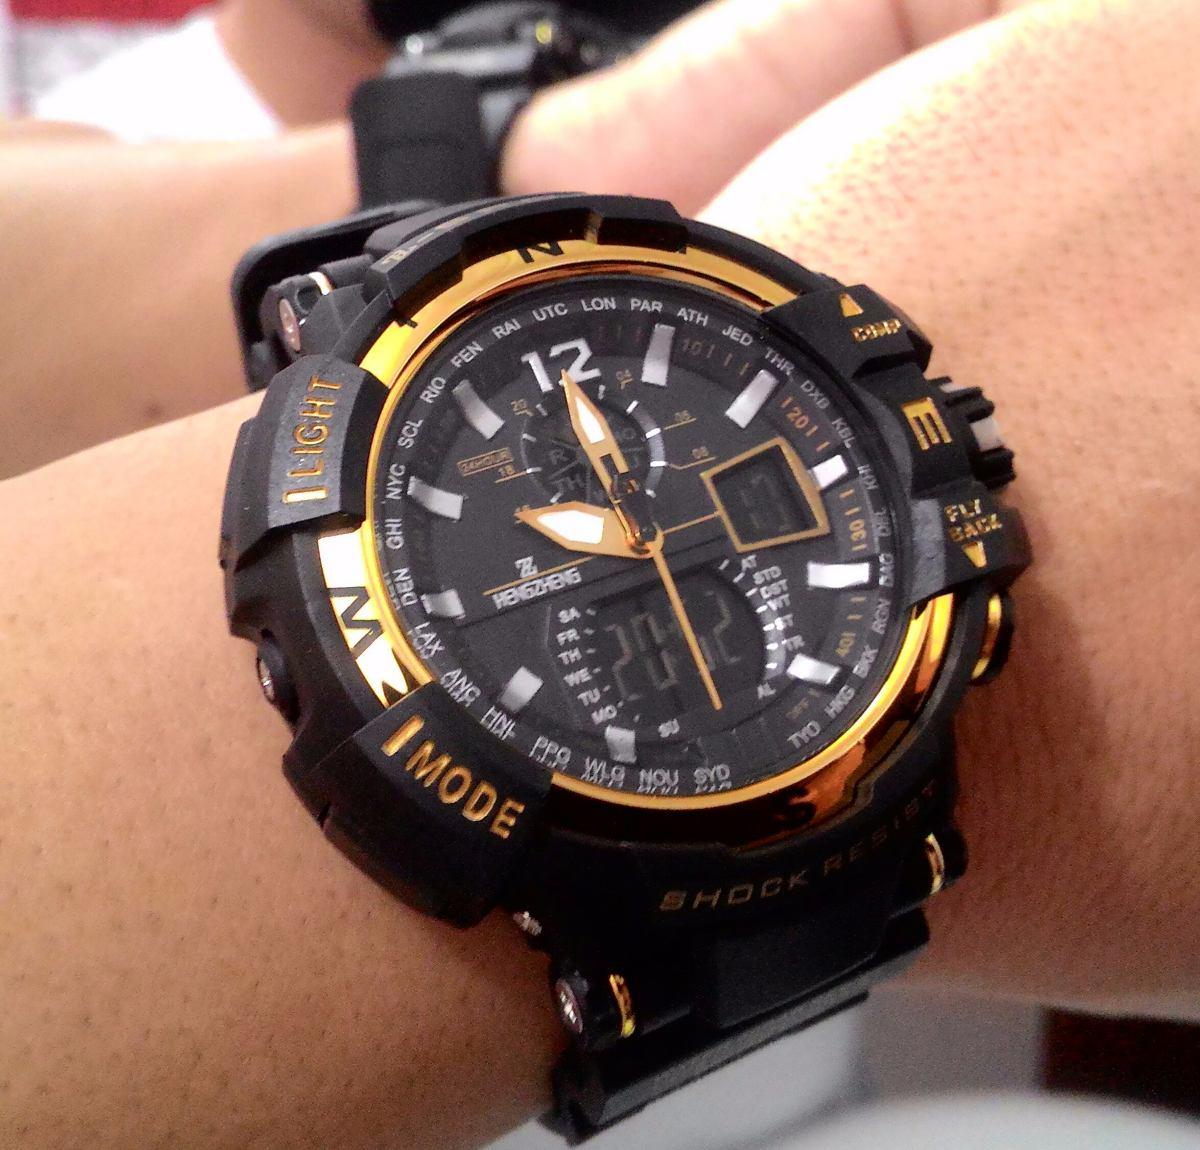 0d528e2a069 relógio shock masculino pulso z sport 490 digital analogico. Carregando  zoom... relógio masculino pulso. Carregando zoom.